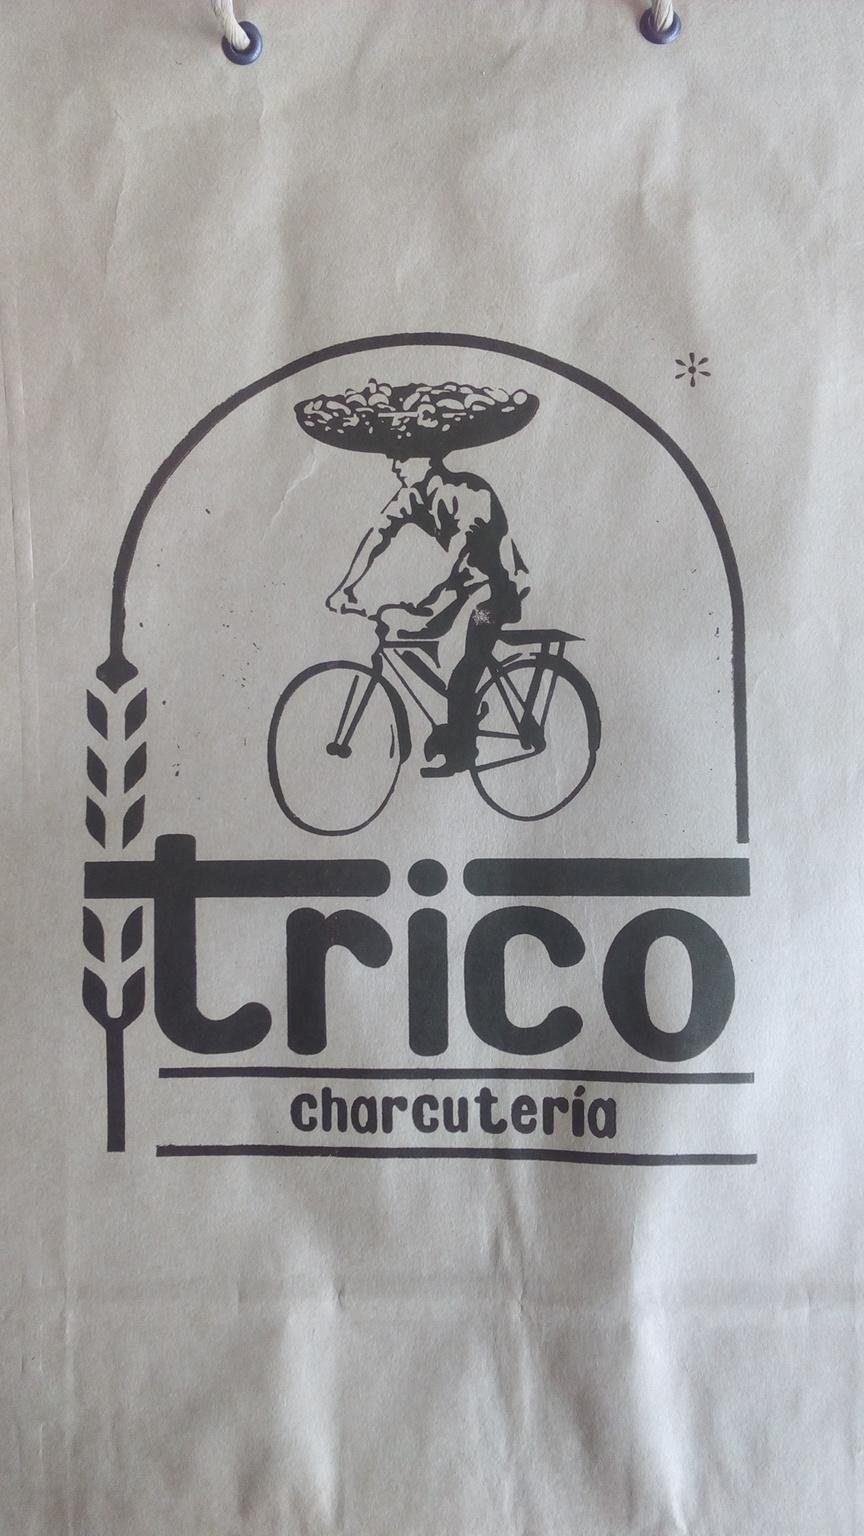 Trico Pachuca S.A. de C.V.